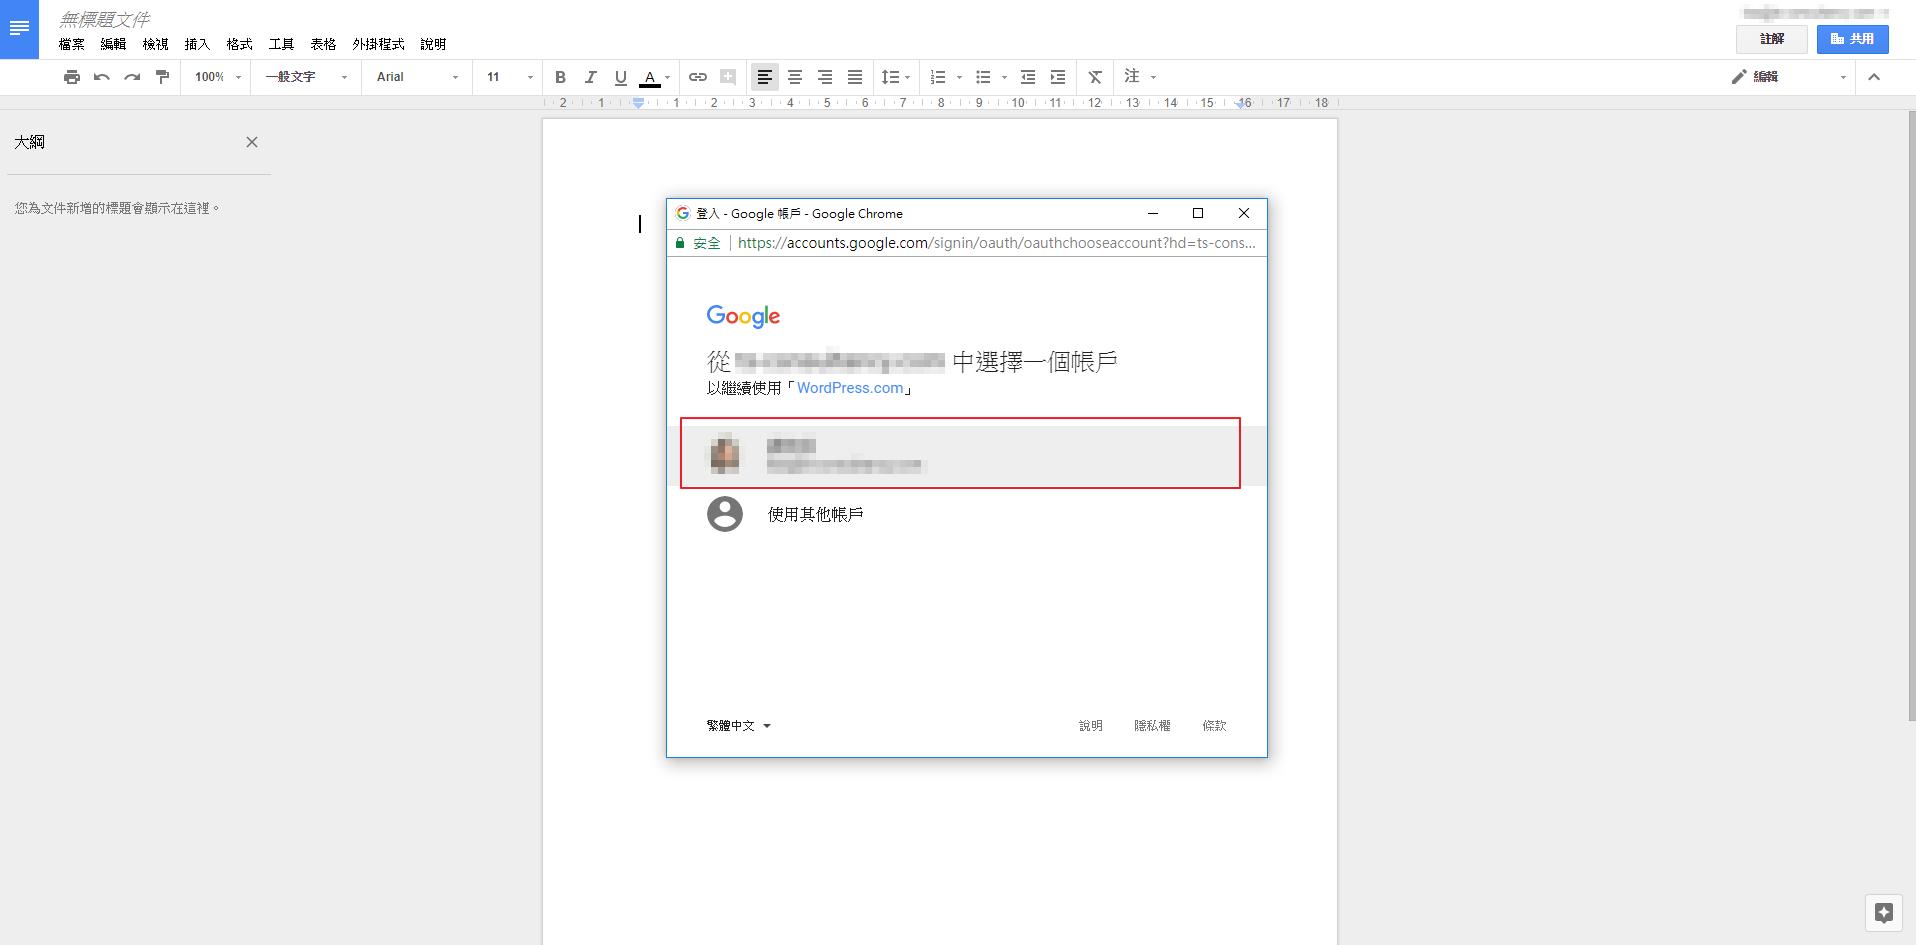 照片為選擇Google帳戶執行下方動作